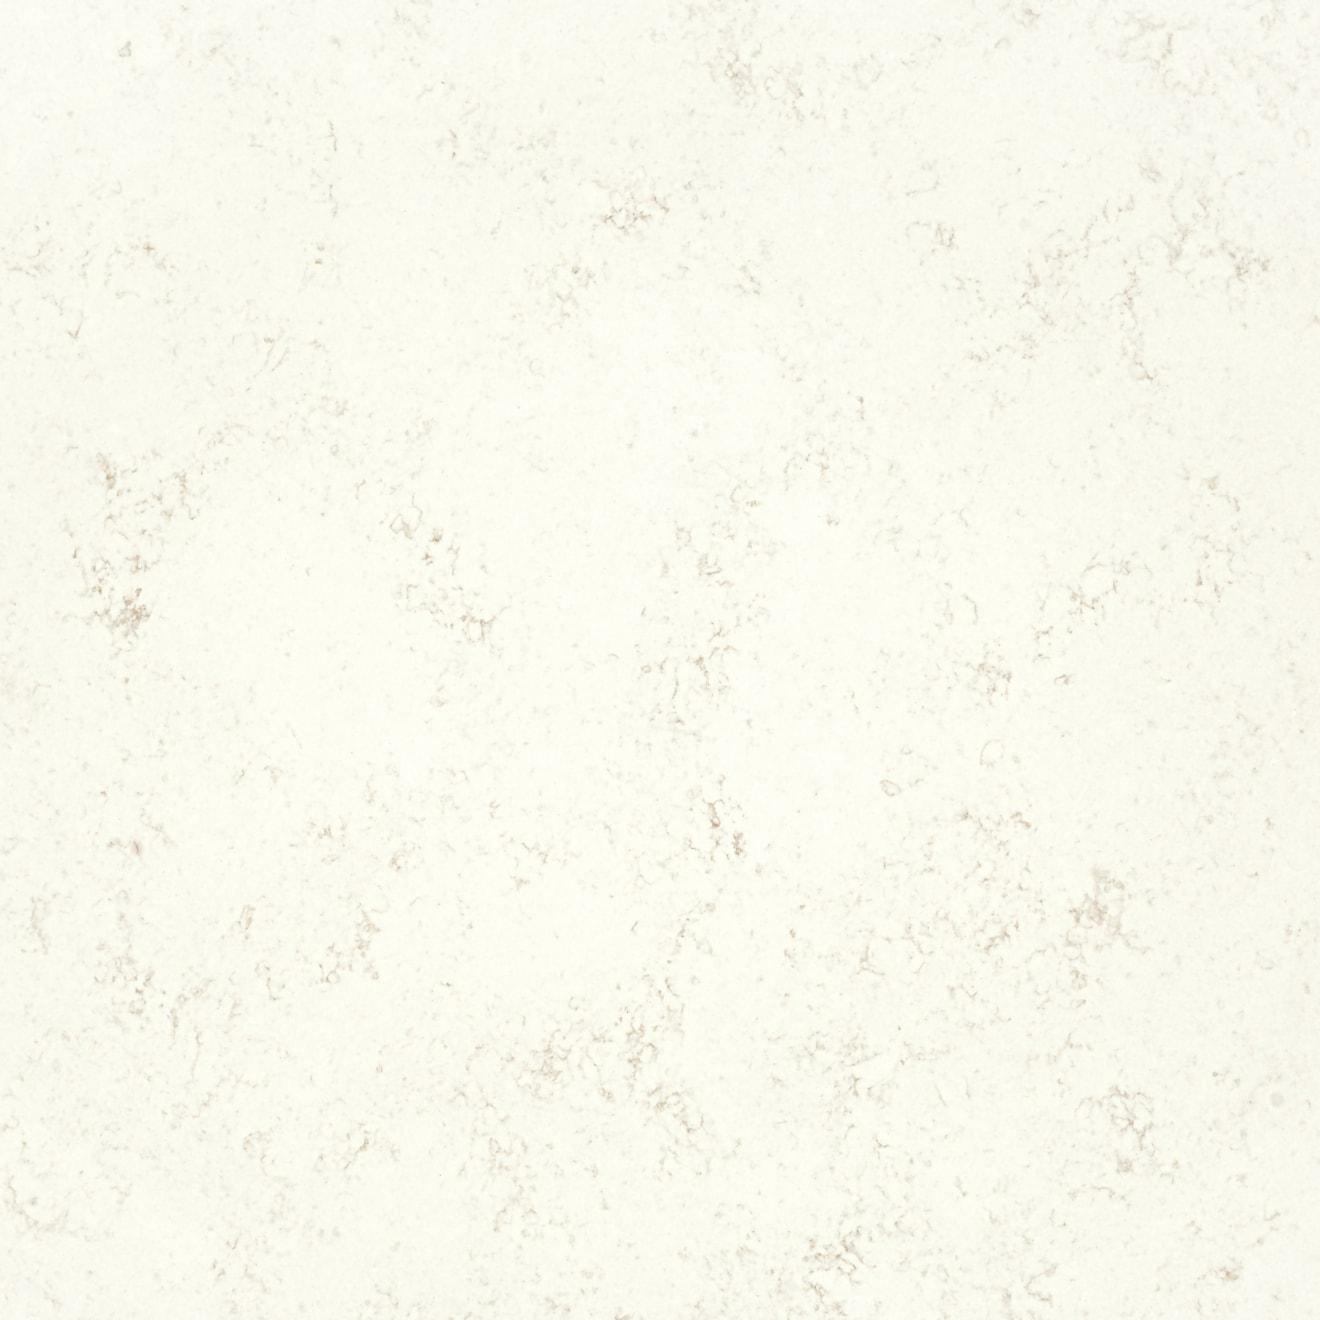 Sequel Quartz Bianco Venatino In 2 Cm Bedrosians Tile